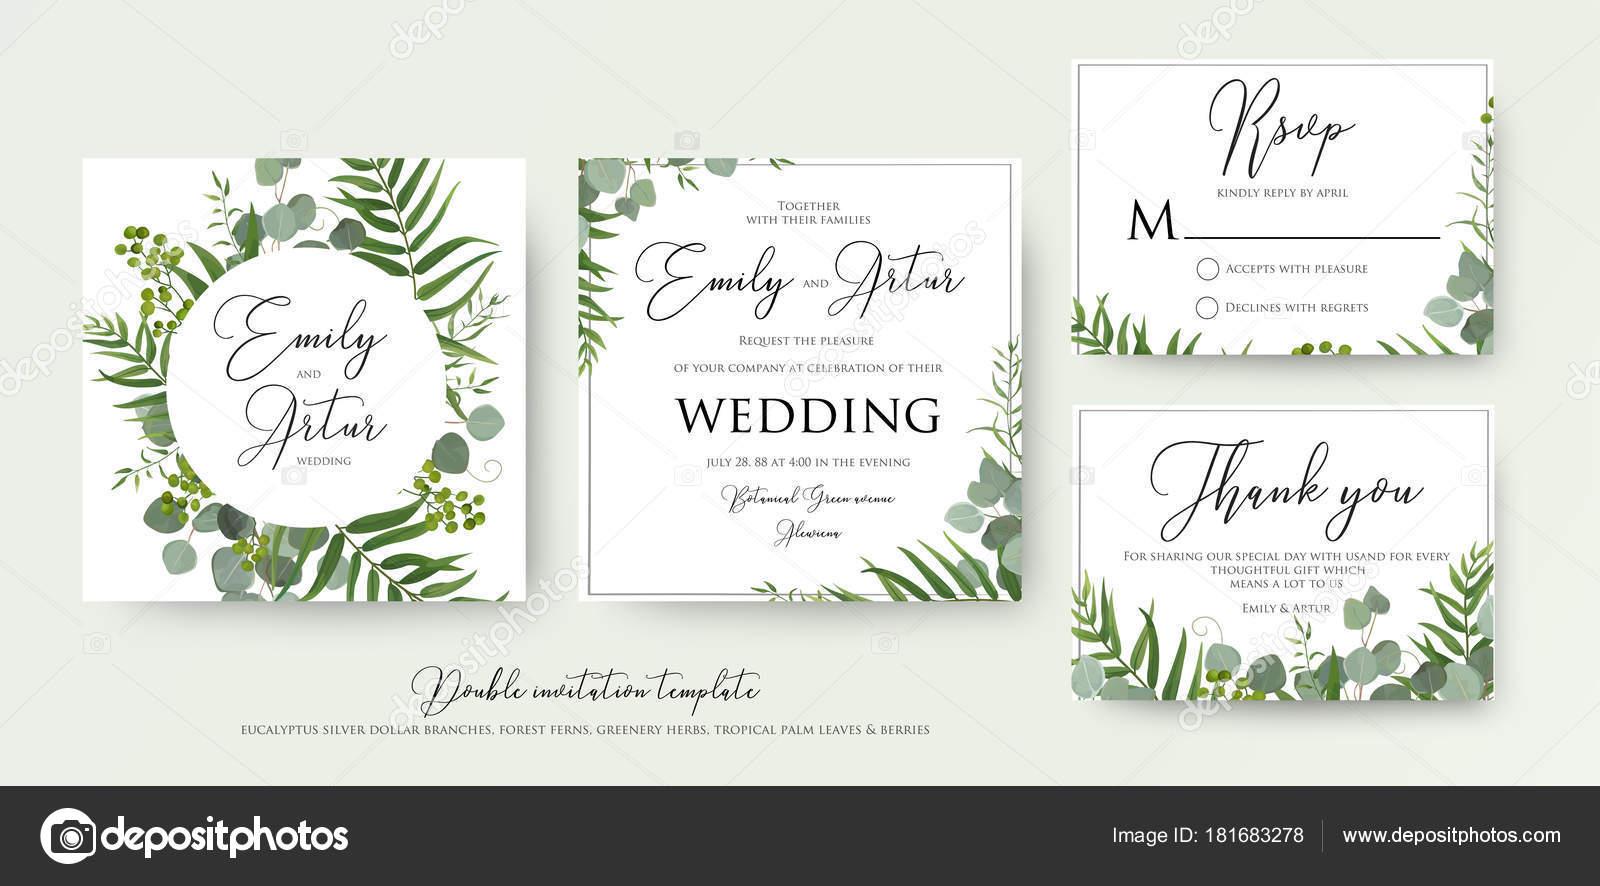 Mariage Invitation, invitation florale, je vous remercie, rsvp